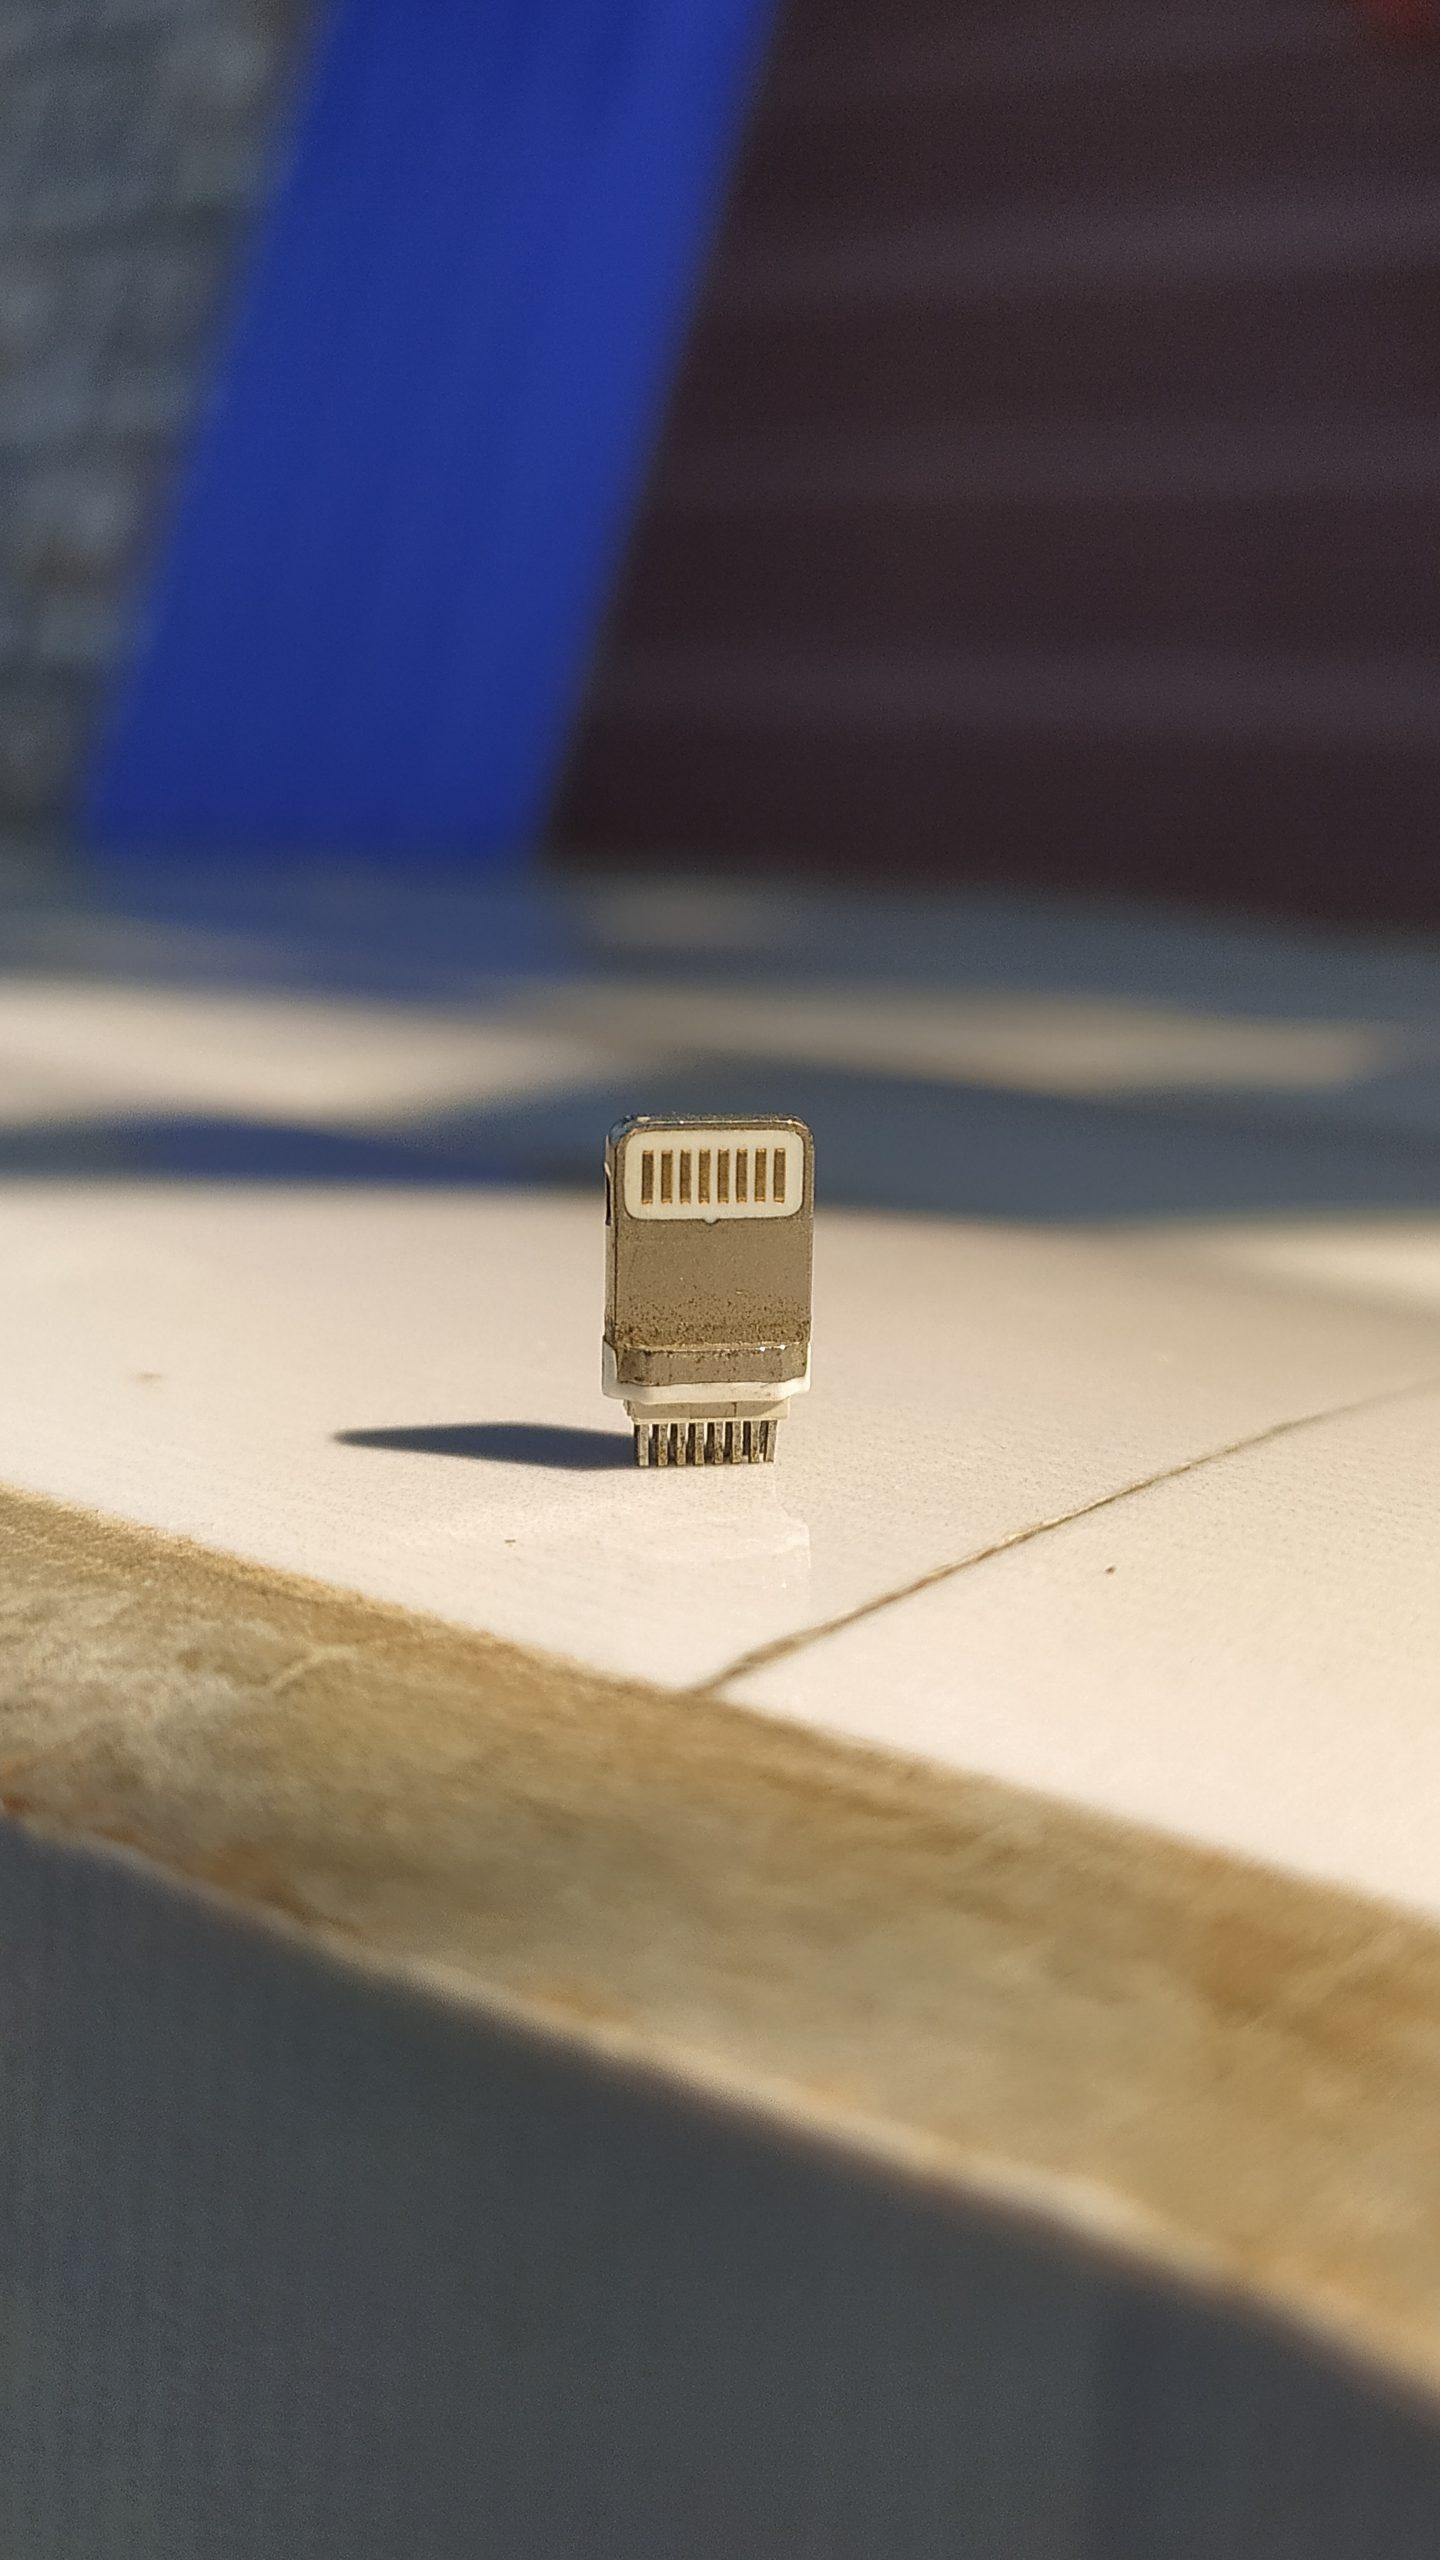 Mobile phone charging jack pin